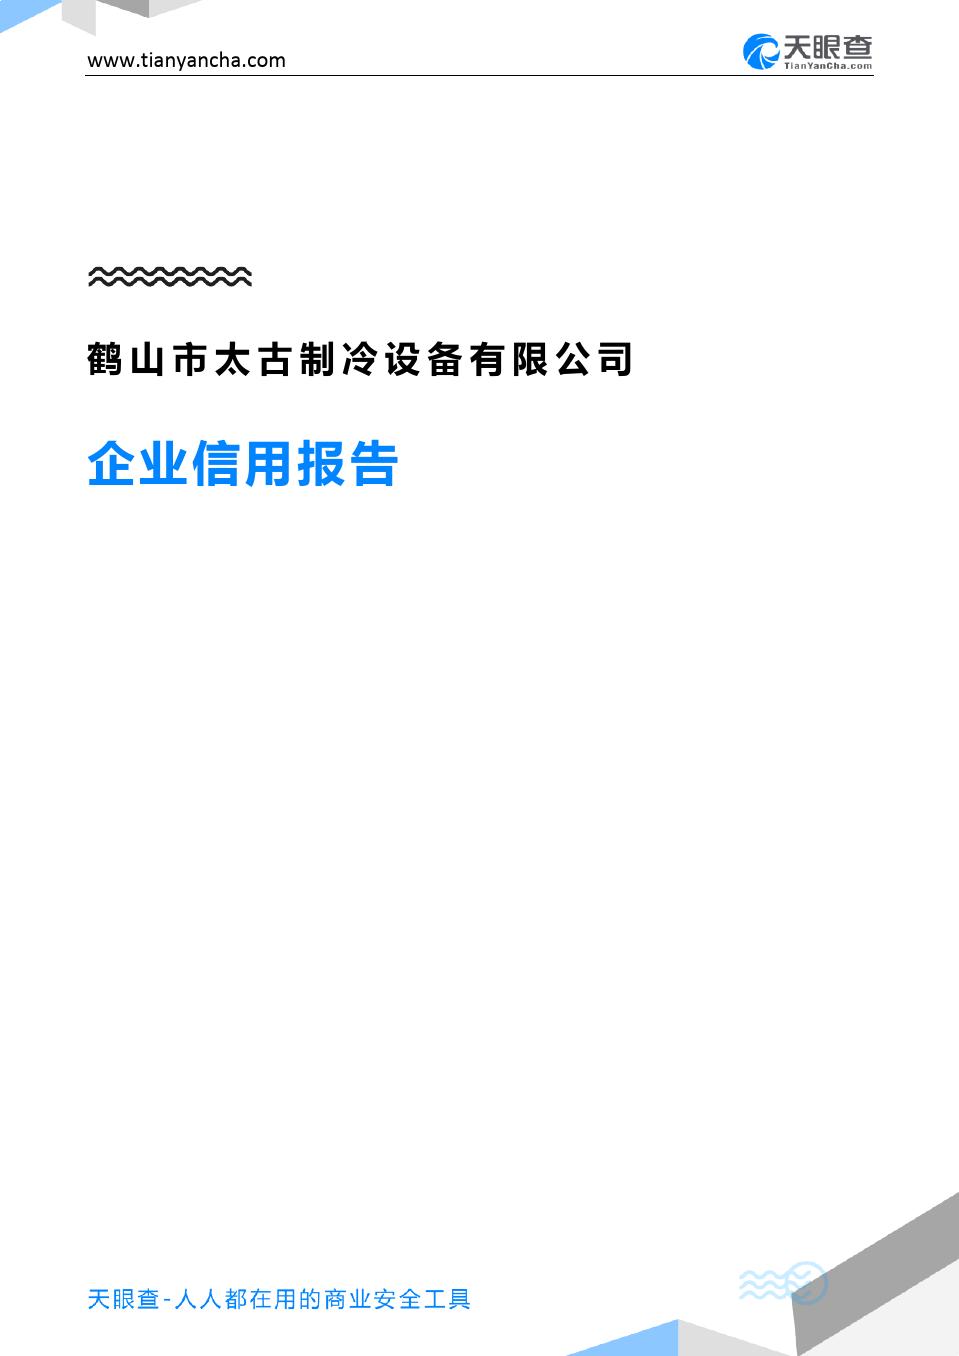 鹤山市太古制冷设备有限公司(企业信用报告)- 天眼查